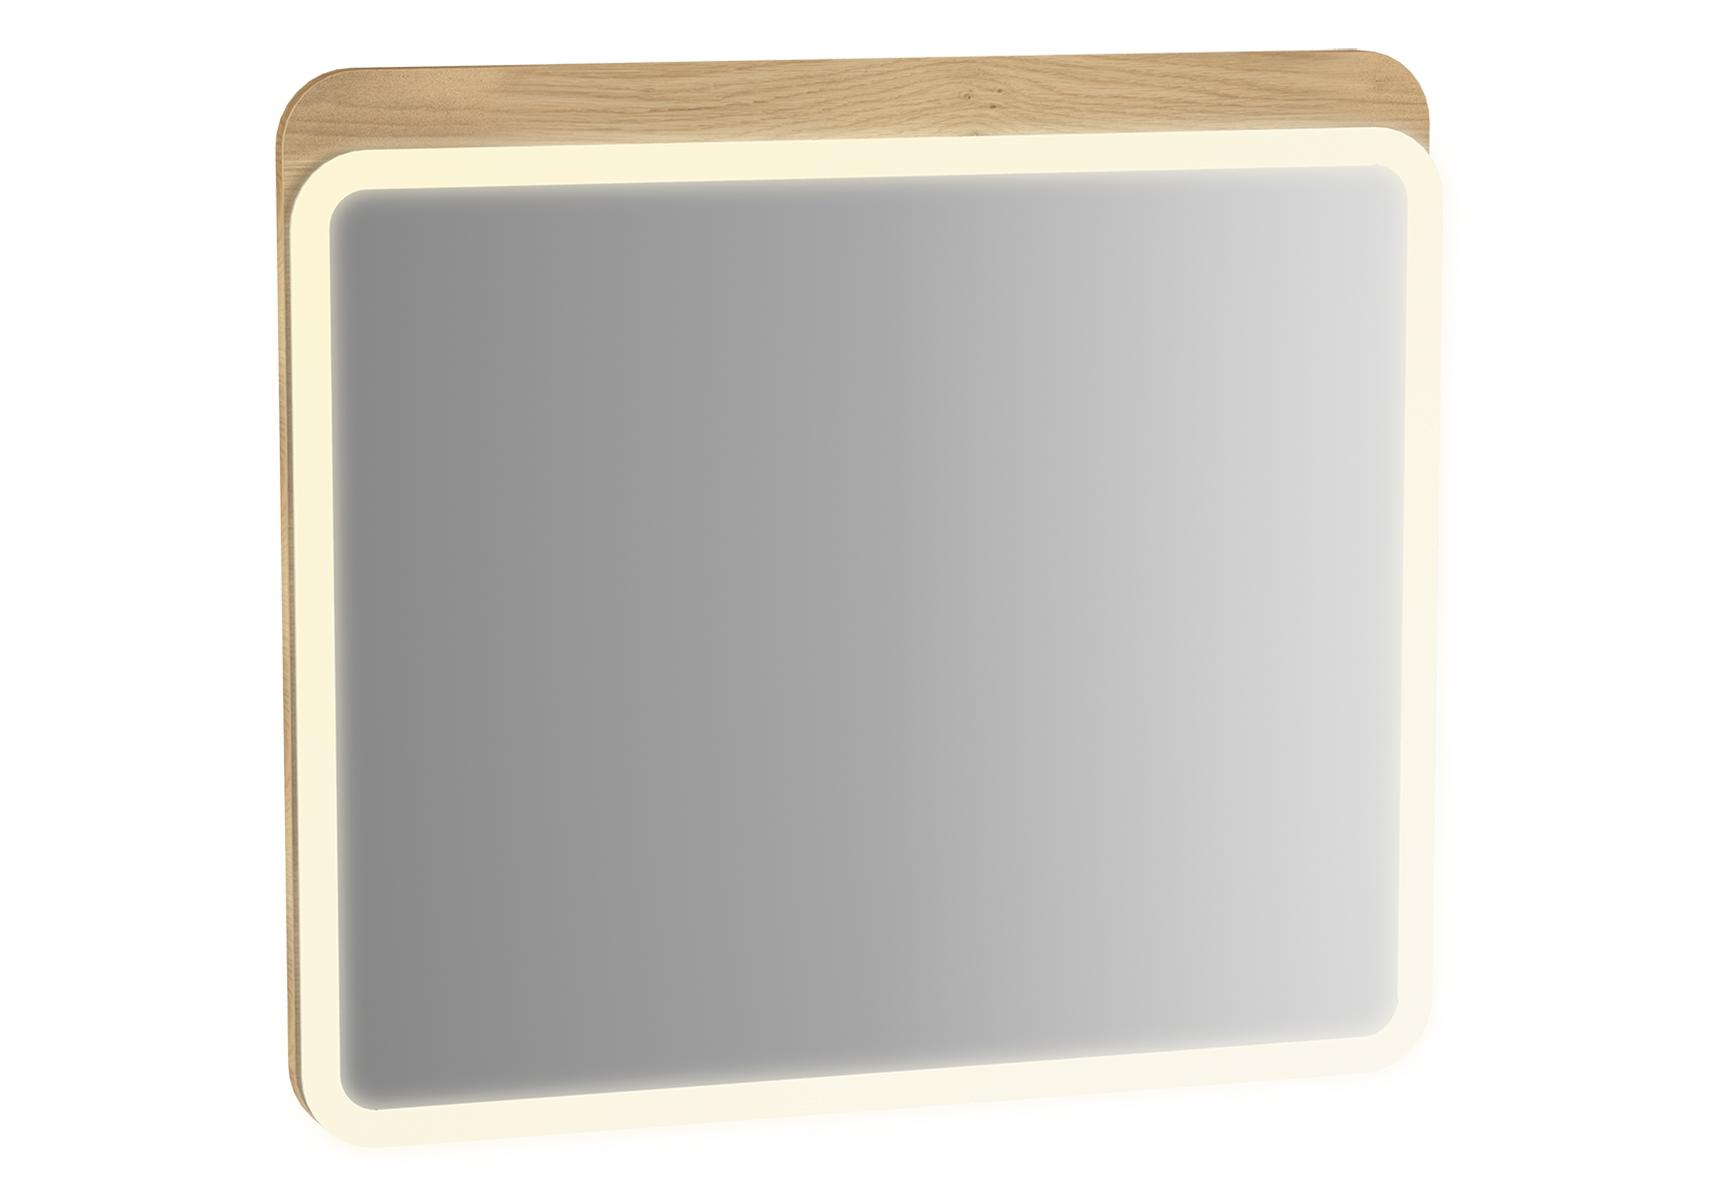 Sento miroir LED,120 cm, décor chêne naturel, avec éclairage à LED péripherique